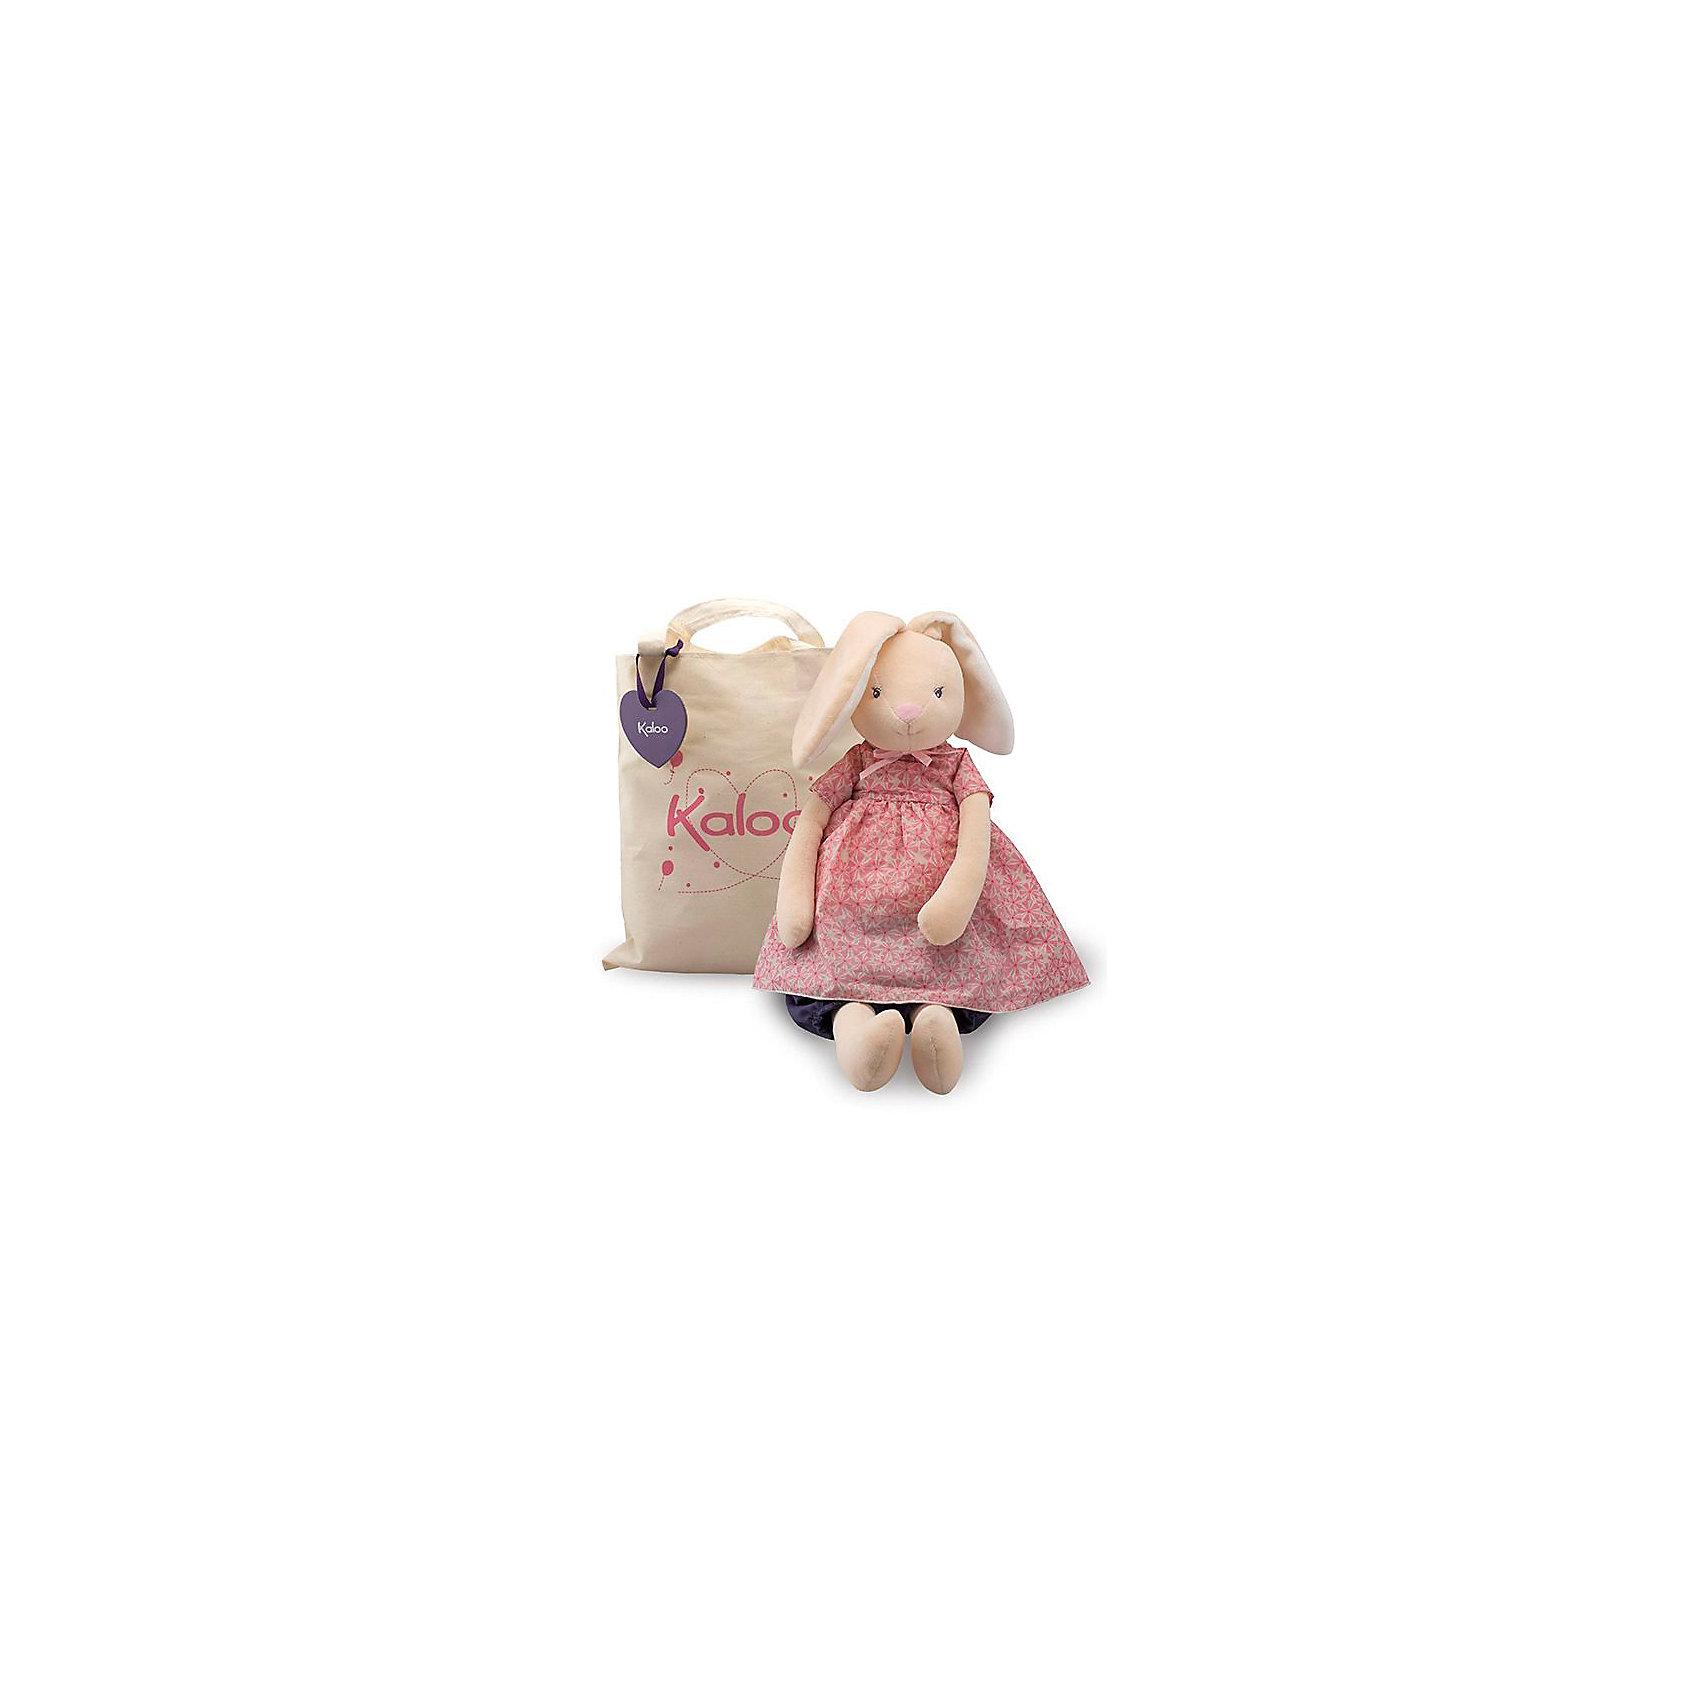 Заяц большой в сумочке, коллекция Розочка, 55 см, KalooПлюшевый заяц Kaloo в нарядном платье, непременно заинтересует вашего малыша и не позволит ему скучать. <br>Красивая сумка, входящая в комплект, позволяет брать игрушку с собой на прогулку и в путешествие.<br><br>Дополнительная информация:<br><br>-Материал: ткань, искусственный мех<br>-Высота игрушки: 55 см<br>-Вес: 0.3 кг<br>-Размер упаковки: 25х30 см<br><br>Большого зайца в сумочке, коллекции Розочка, 55 см, Kaloo можно купить в нашем интернет-магазине.<br><br>Ширина мм: 200<br>Глубина мм: 40<br>Высота мм: 250<br>Вес г: 400<br>Возраст от месяцев: 0<br>Возраст до месяцев: 1188<br>Пол: Унисекс<br>Возраст: Детский<br>SKU: 4862349